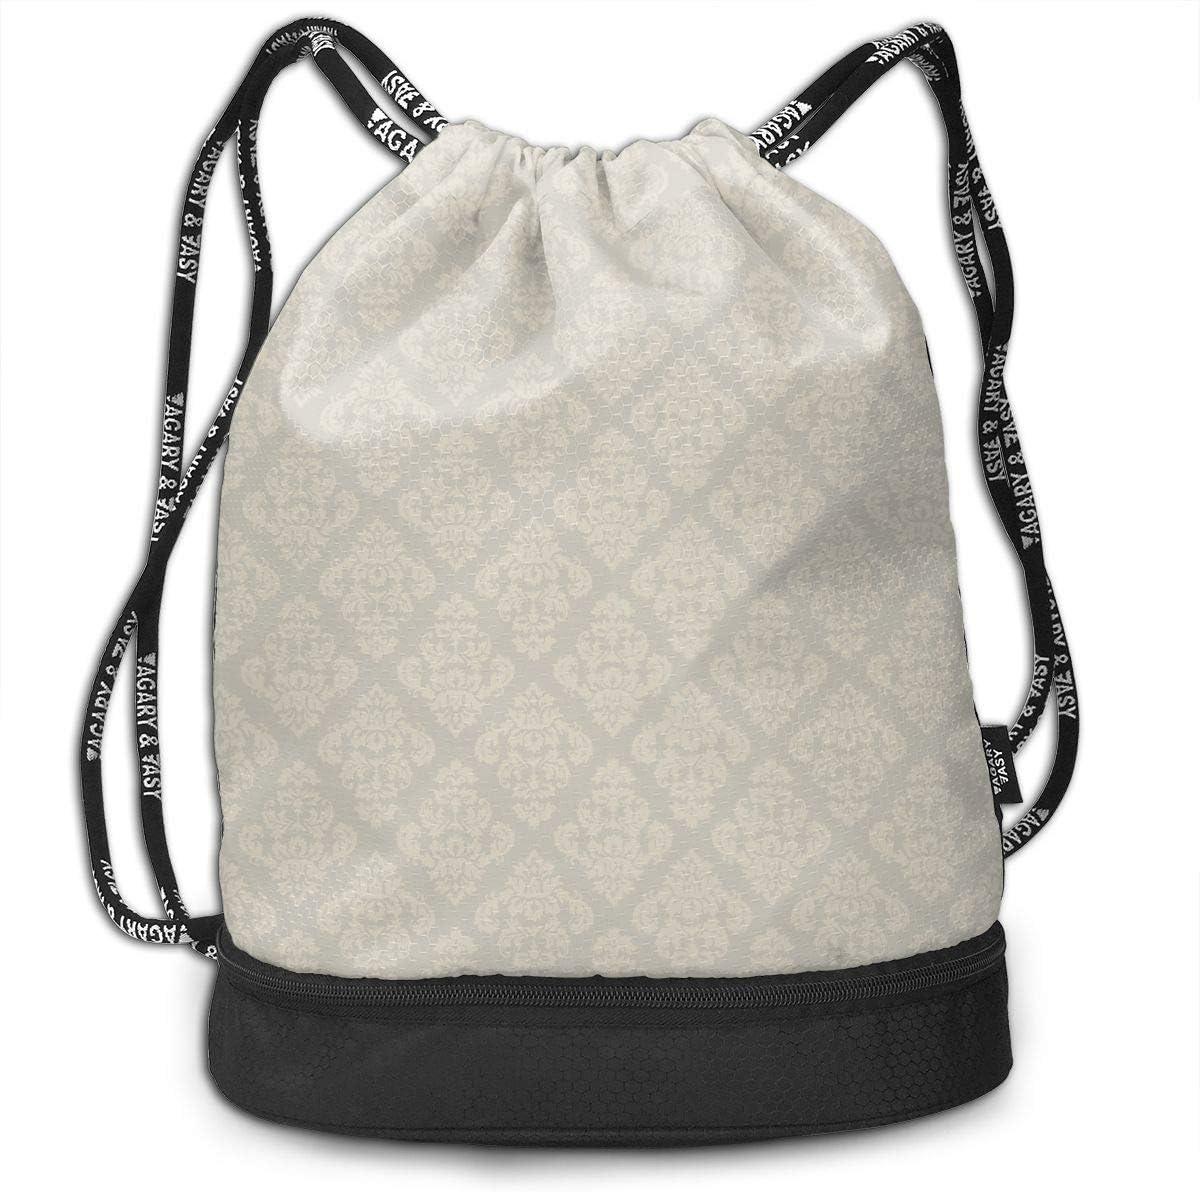 HUOPR5Q European Pattern Drawstring Backpack Sport Gym Sack Shoulder Bulk Bag Dance Bag for School Travel